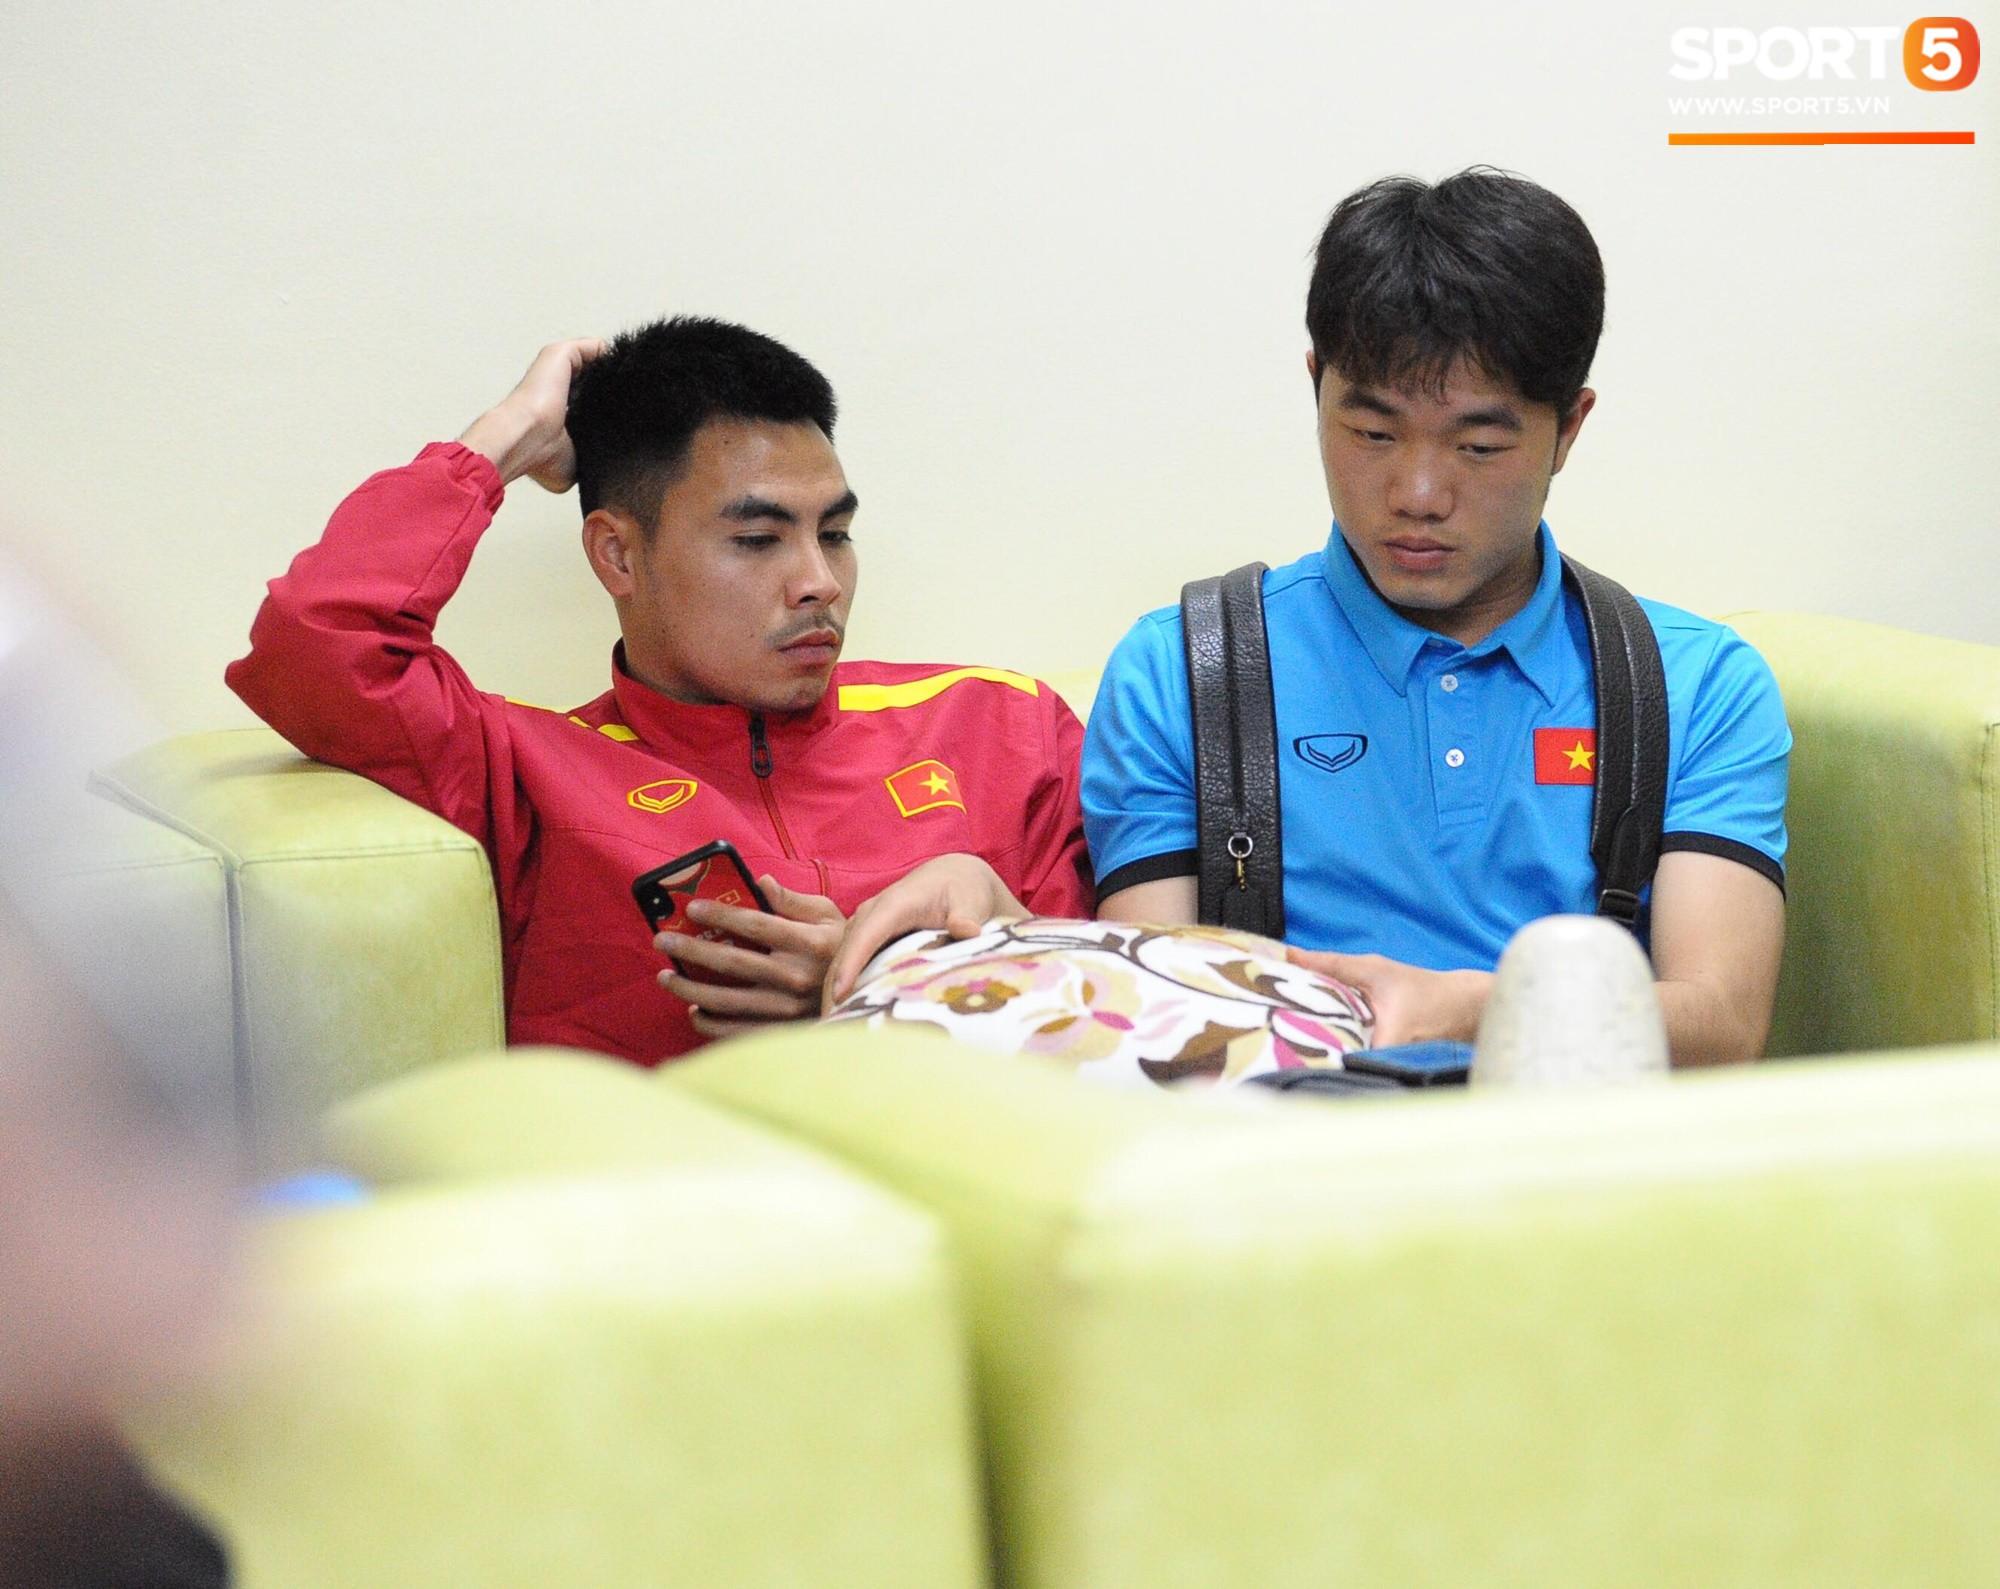 Cả đội tuyển và hơn 30 phóng viên Việt Nam rơi vào tình trạng uể oải do phải chờ đợi quá lâu ở sân bay. Ảnh: Hiếu Lương